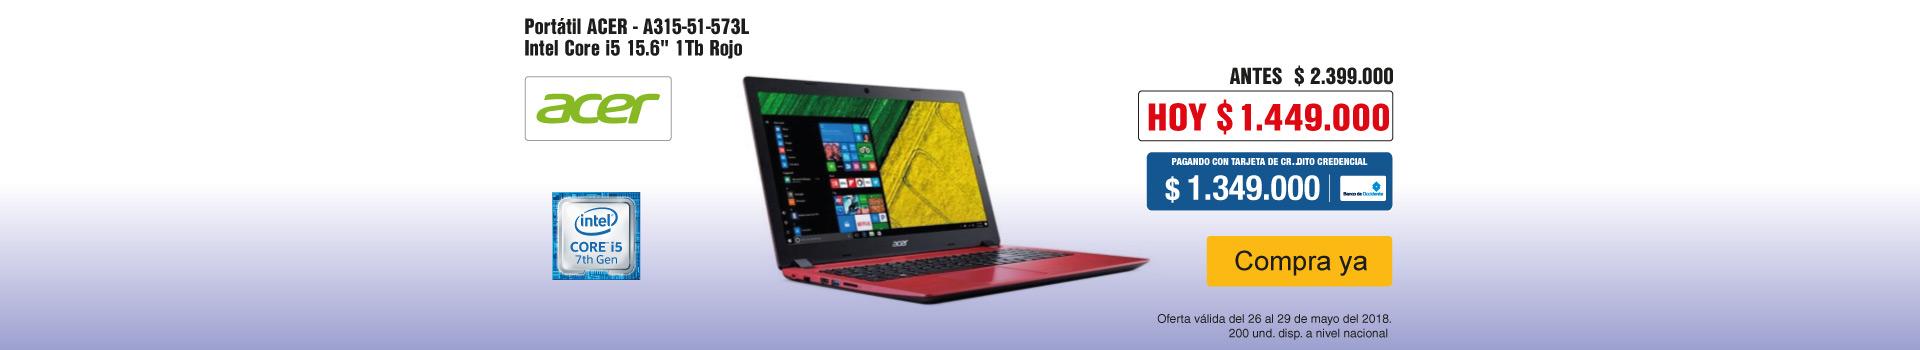 AK-KT-BCAT-2-computadores y tablets-portatiles-PP---Acer-A315-51-573L-May26